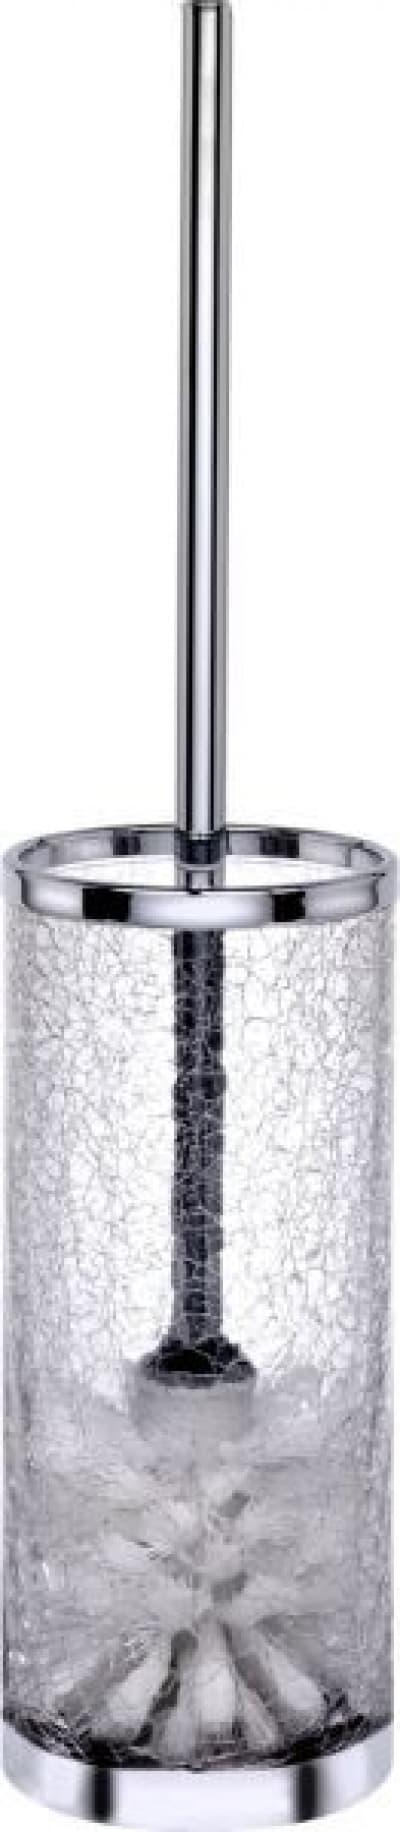 Surya Crystal, напольный ёршик для унитаза без крышки, цвет золото - эффект битого стекла 6609/GO-CRD